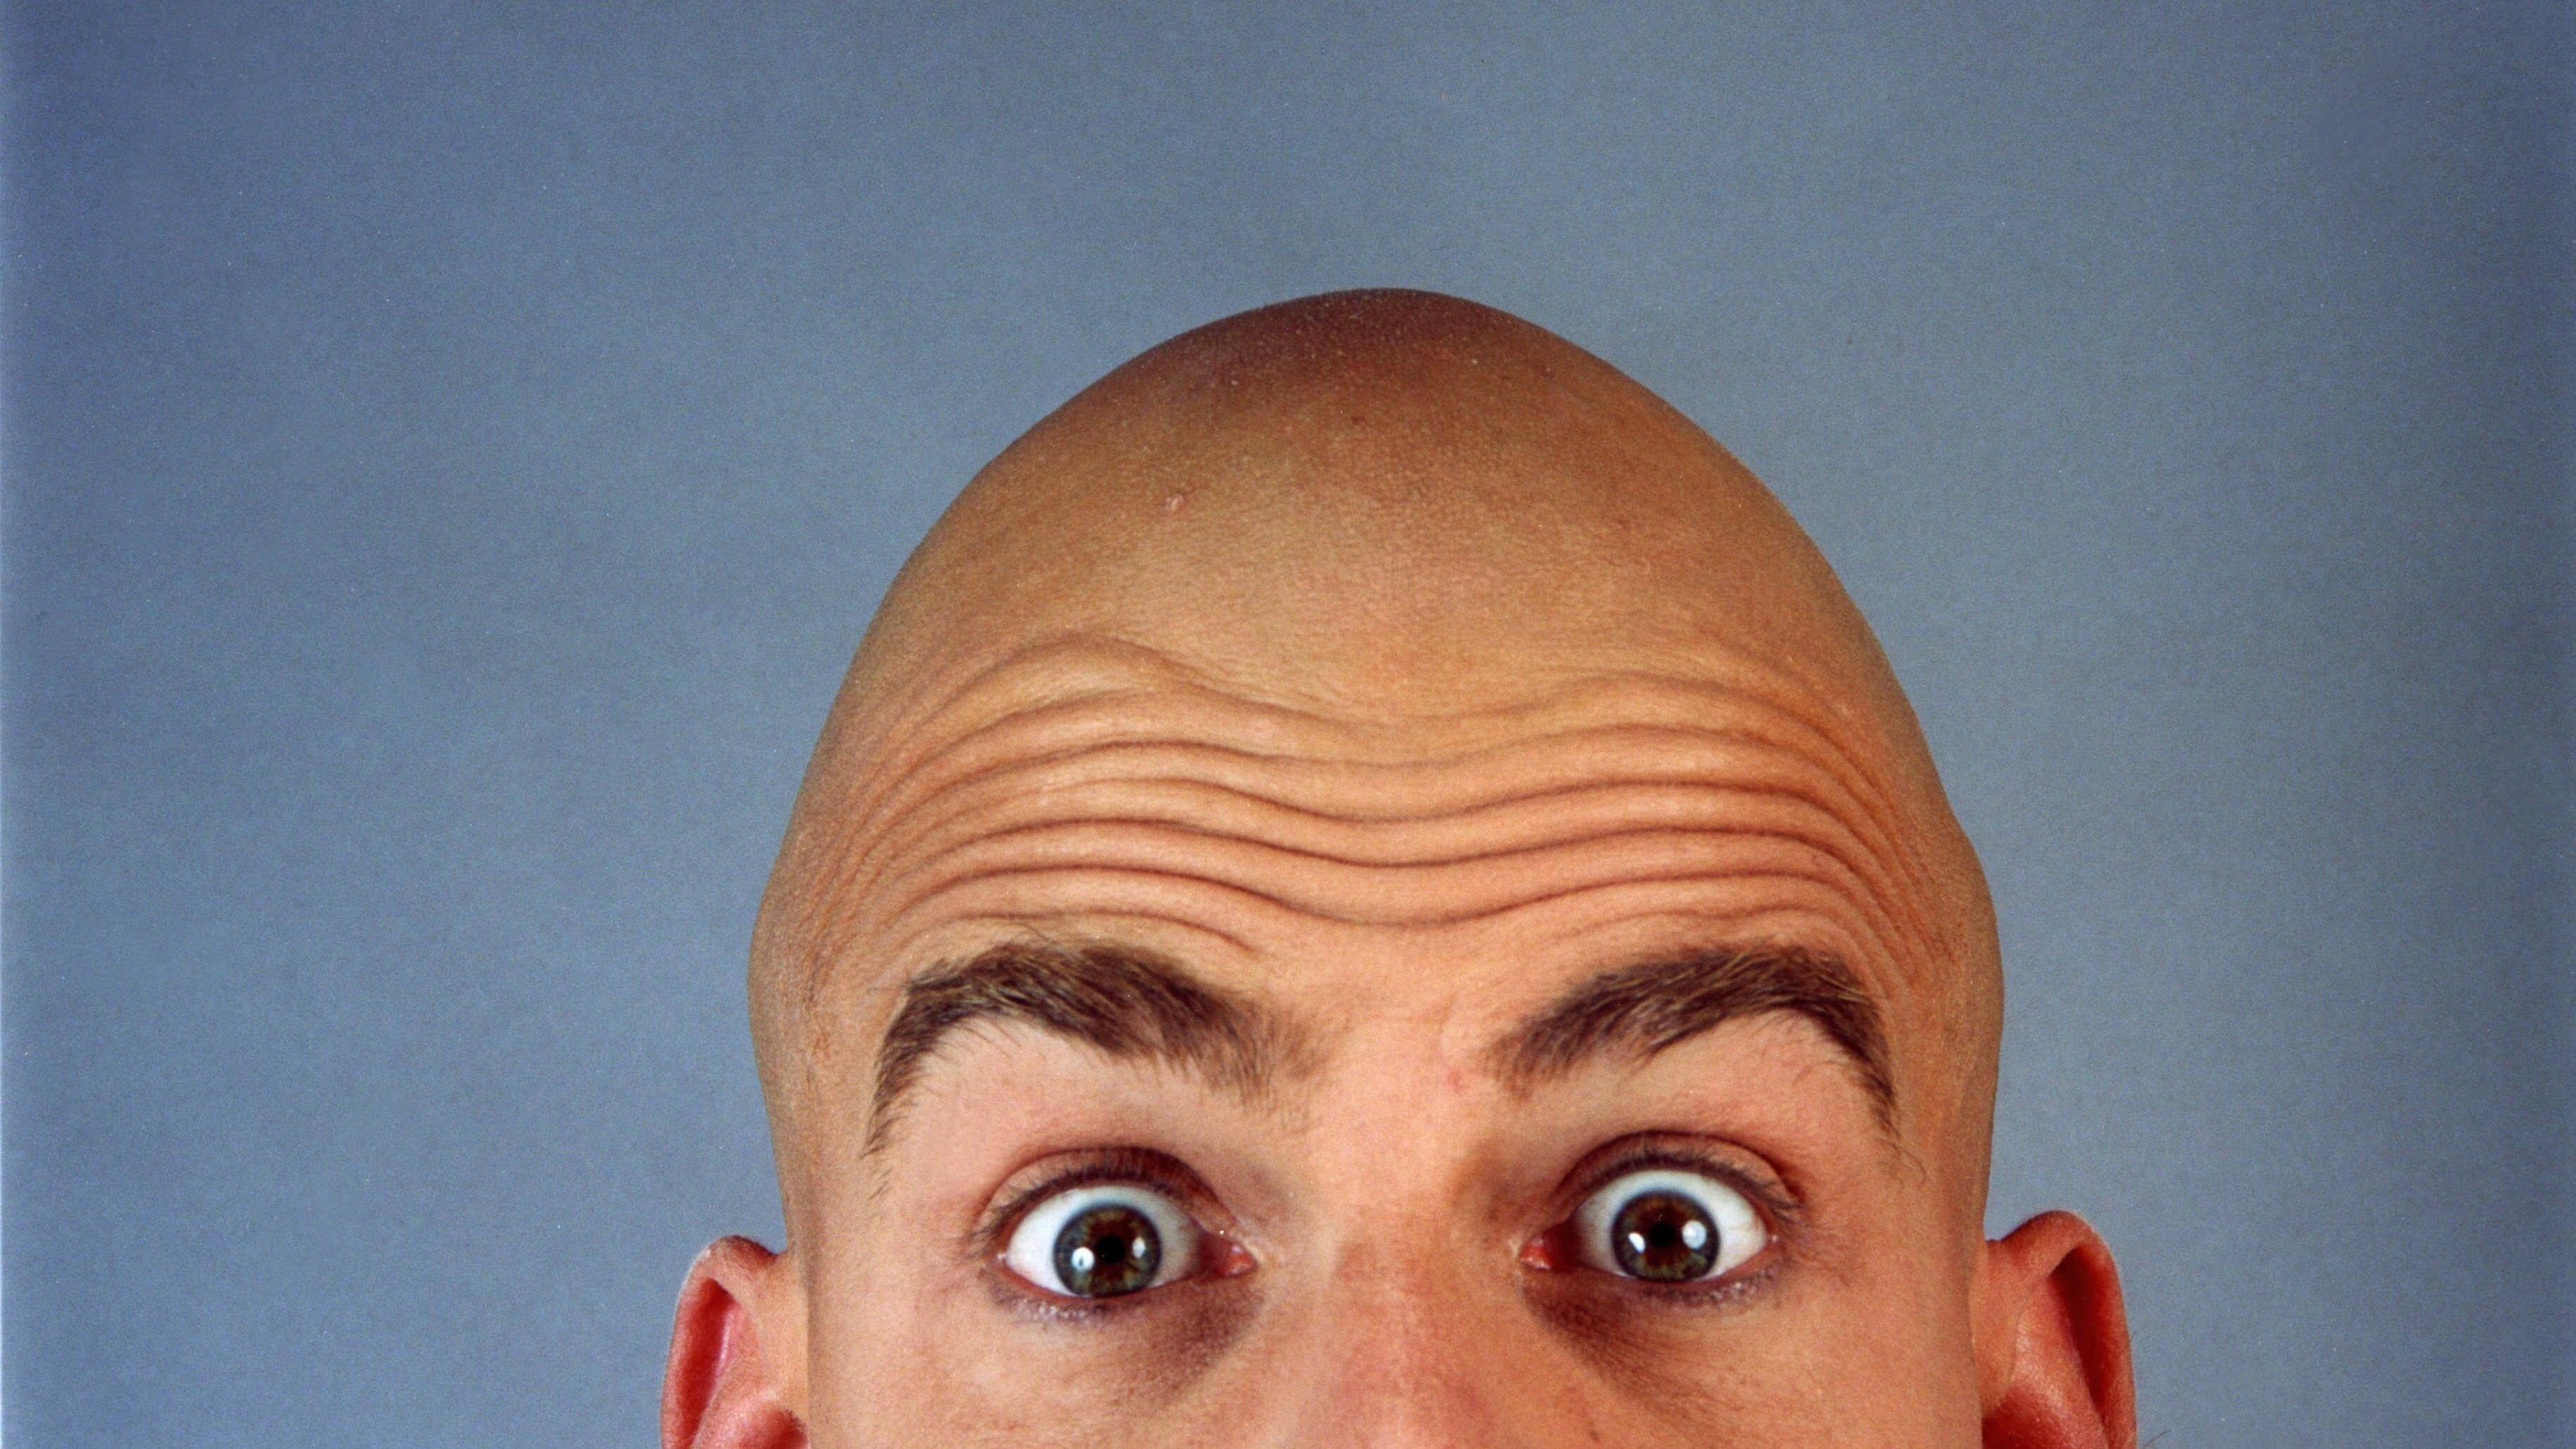 Glatze rasieren: Die besten Tipps